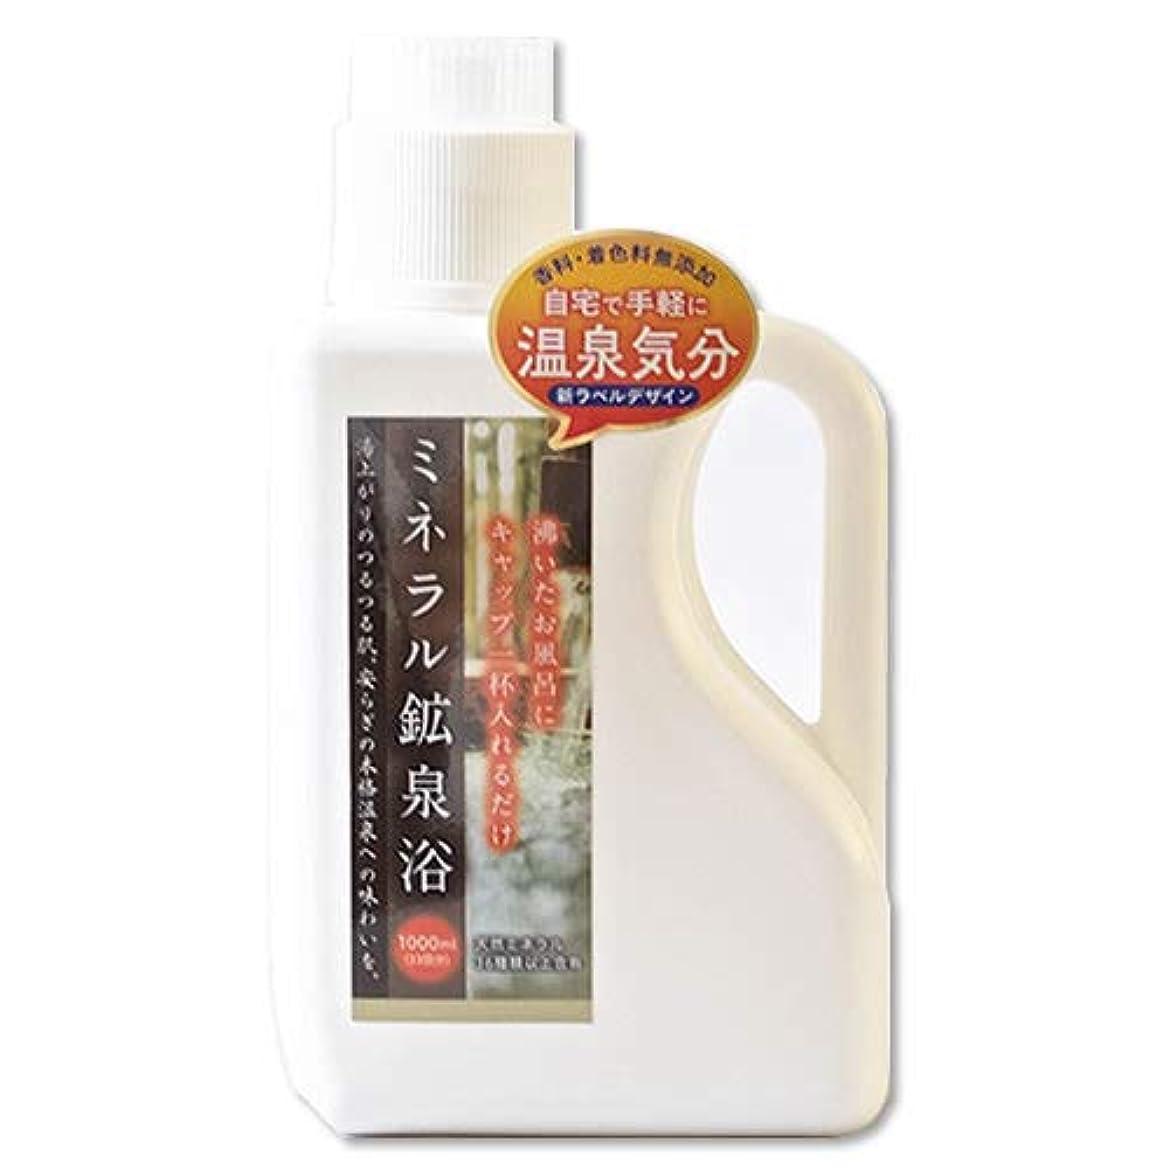 リッチカレンダー刃ミネラル鉱泉浴50(1L) ?約1か月分? 汗が出やすくミネラル効果にビックリ! 身体を芯から温める ミネラル風呂